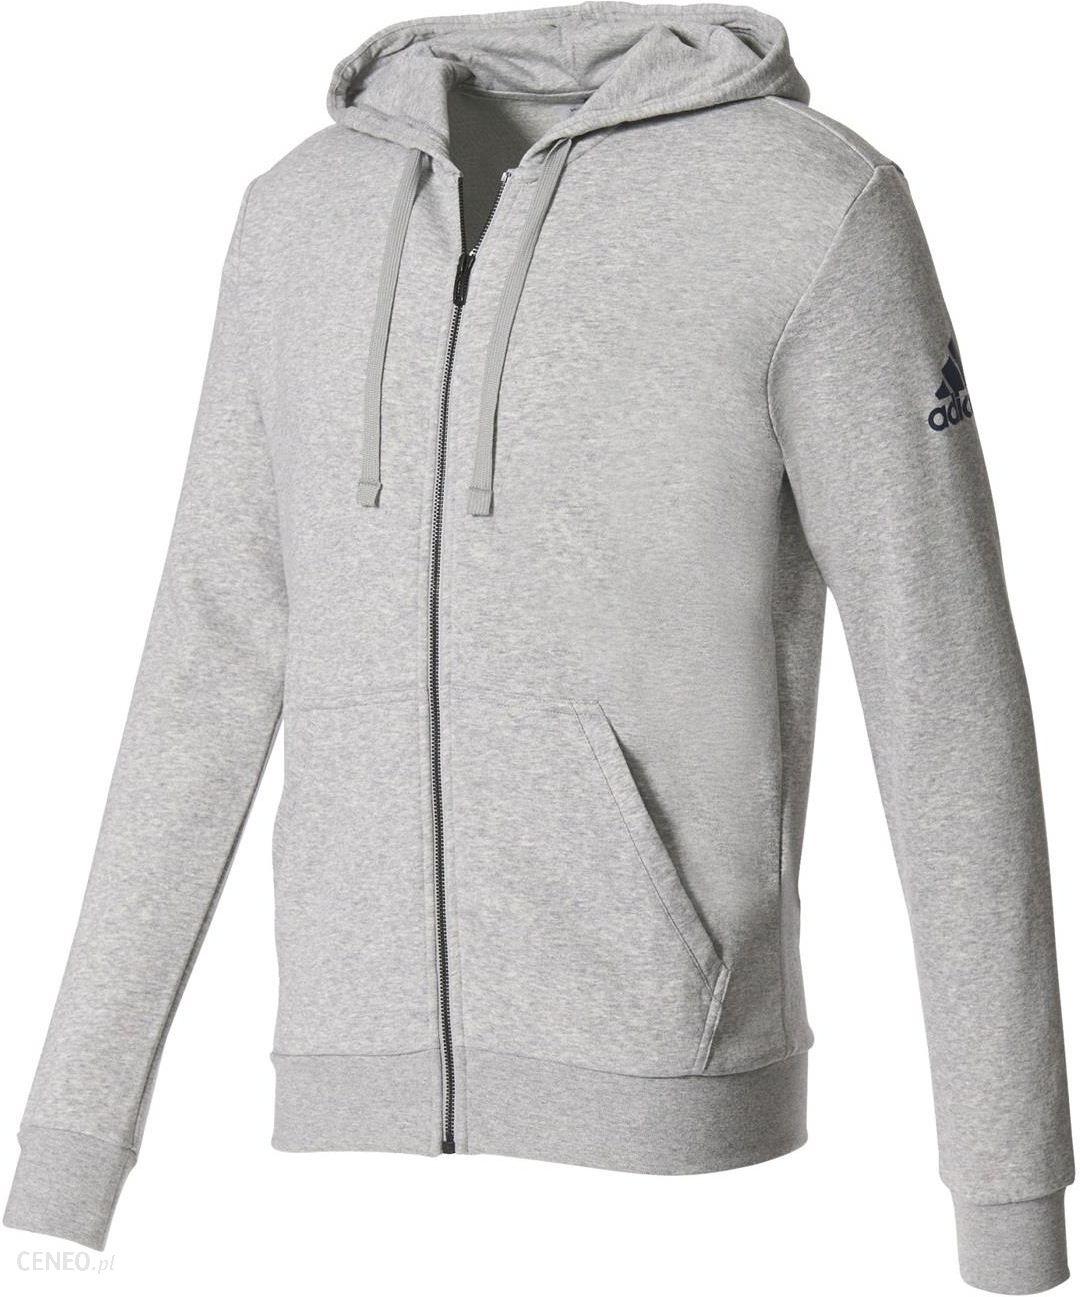 Bluza męska adidas Essentials BK3716 XL Ceny i opinie Ceneo.pl